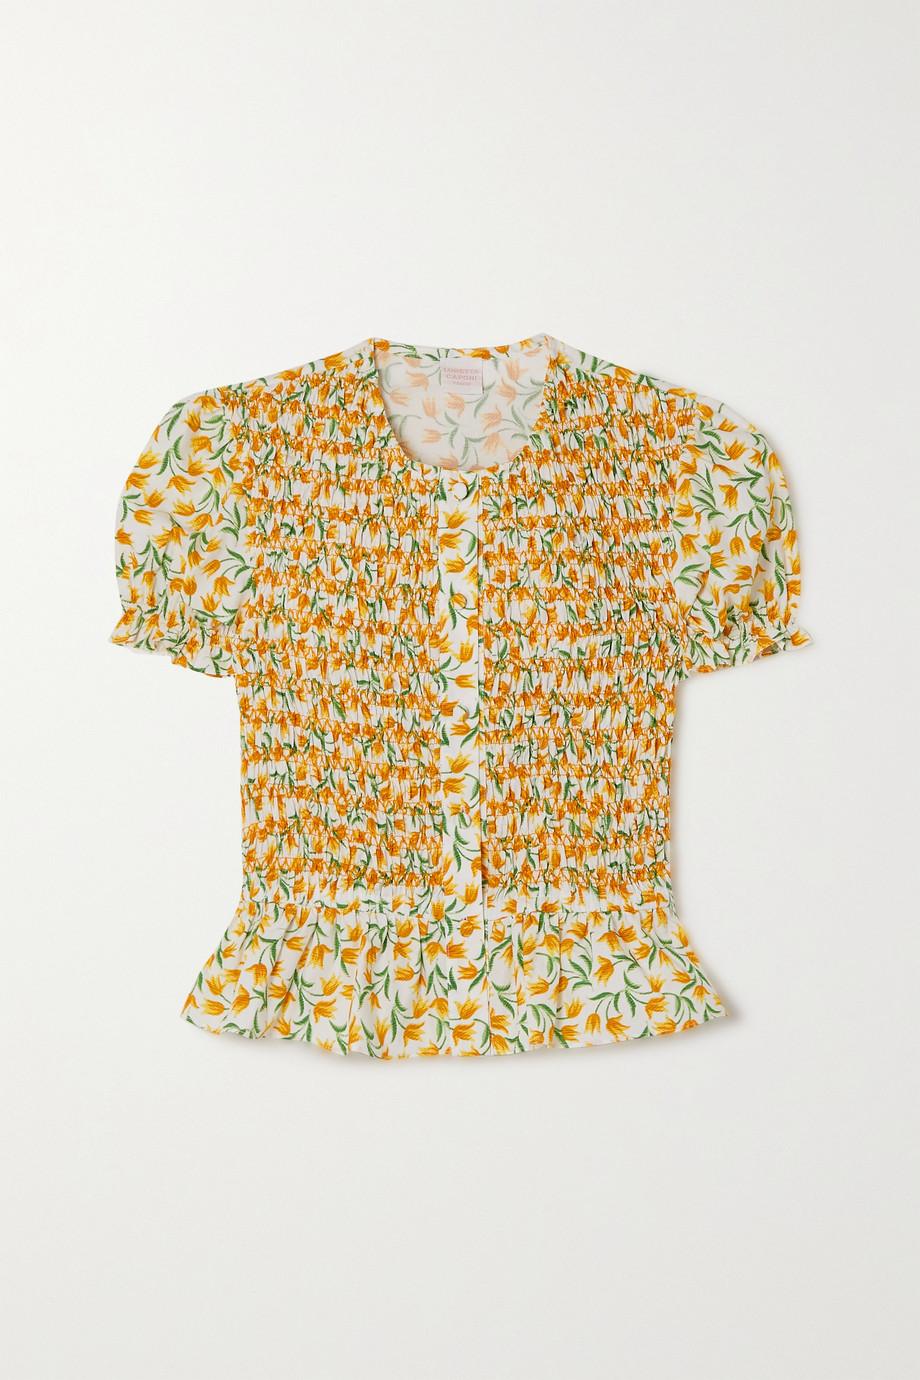 Loretta Caponi Francesca smocked floral-print cotton-voile blouse